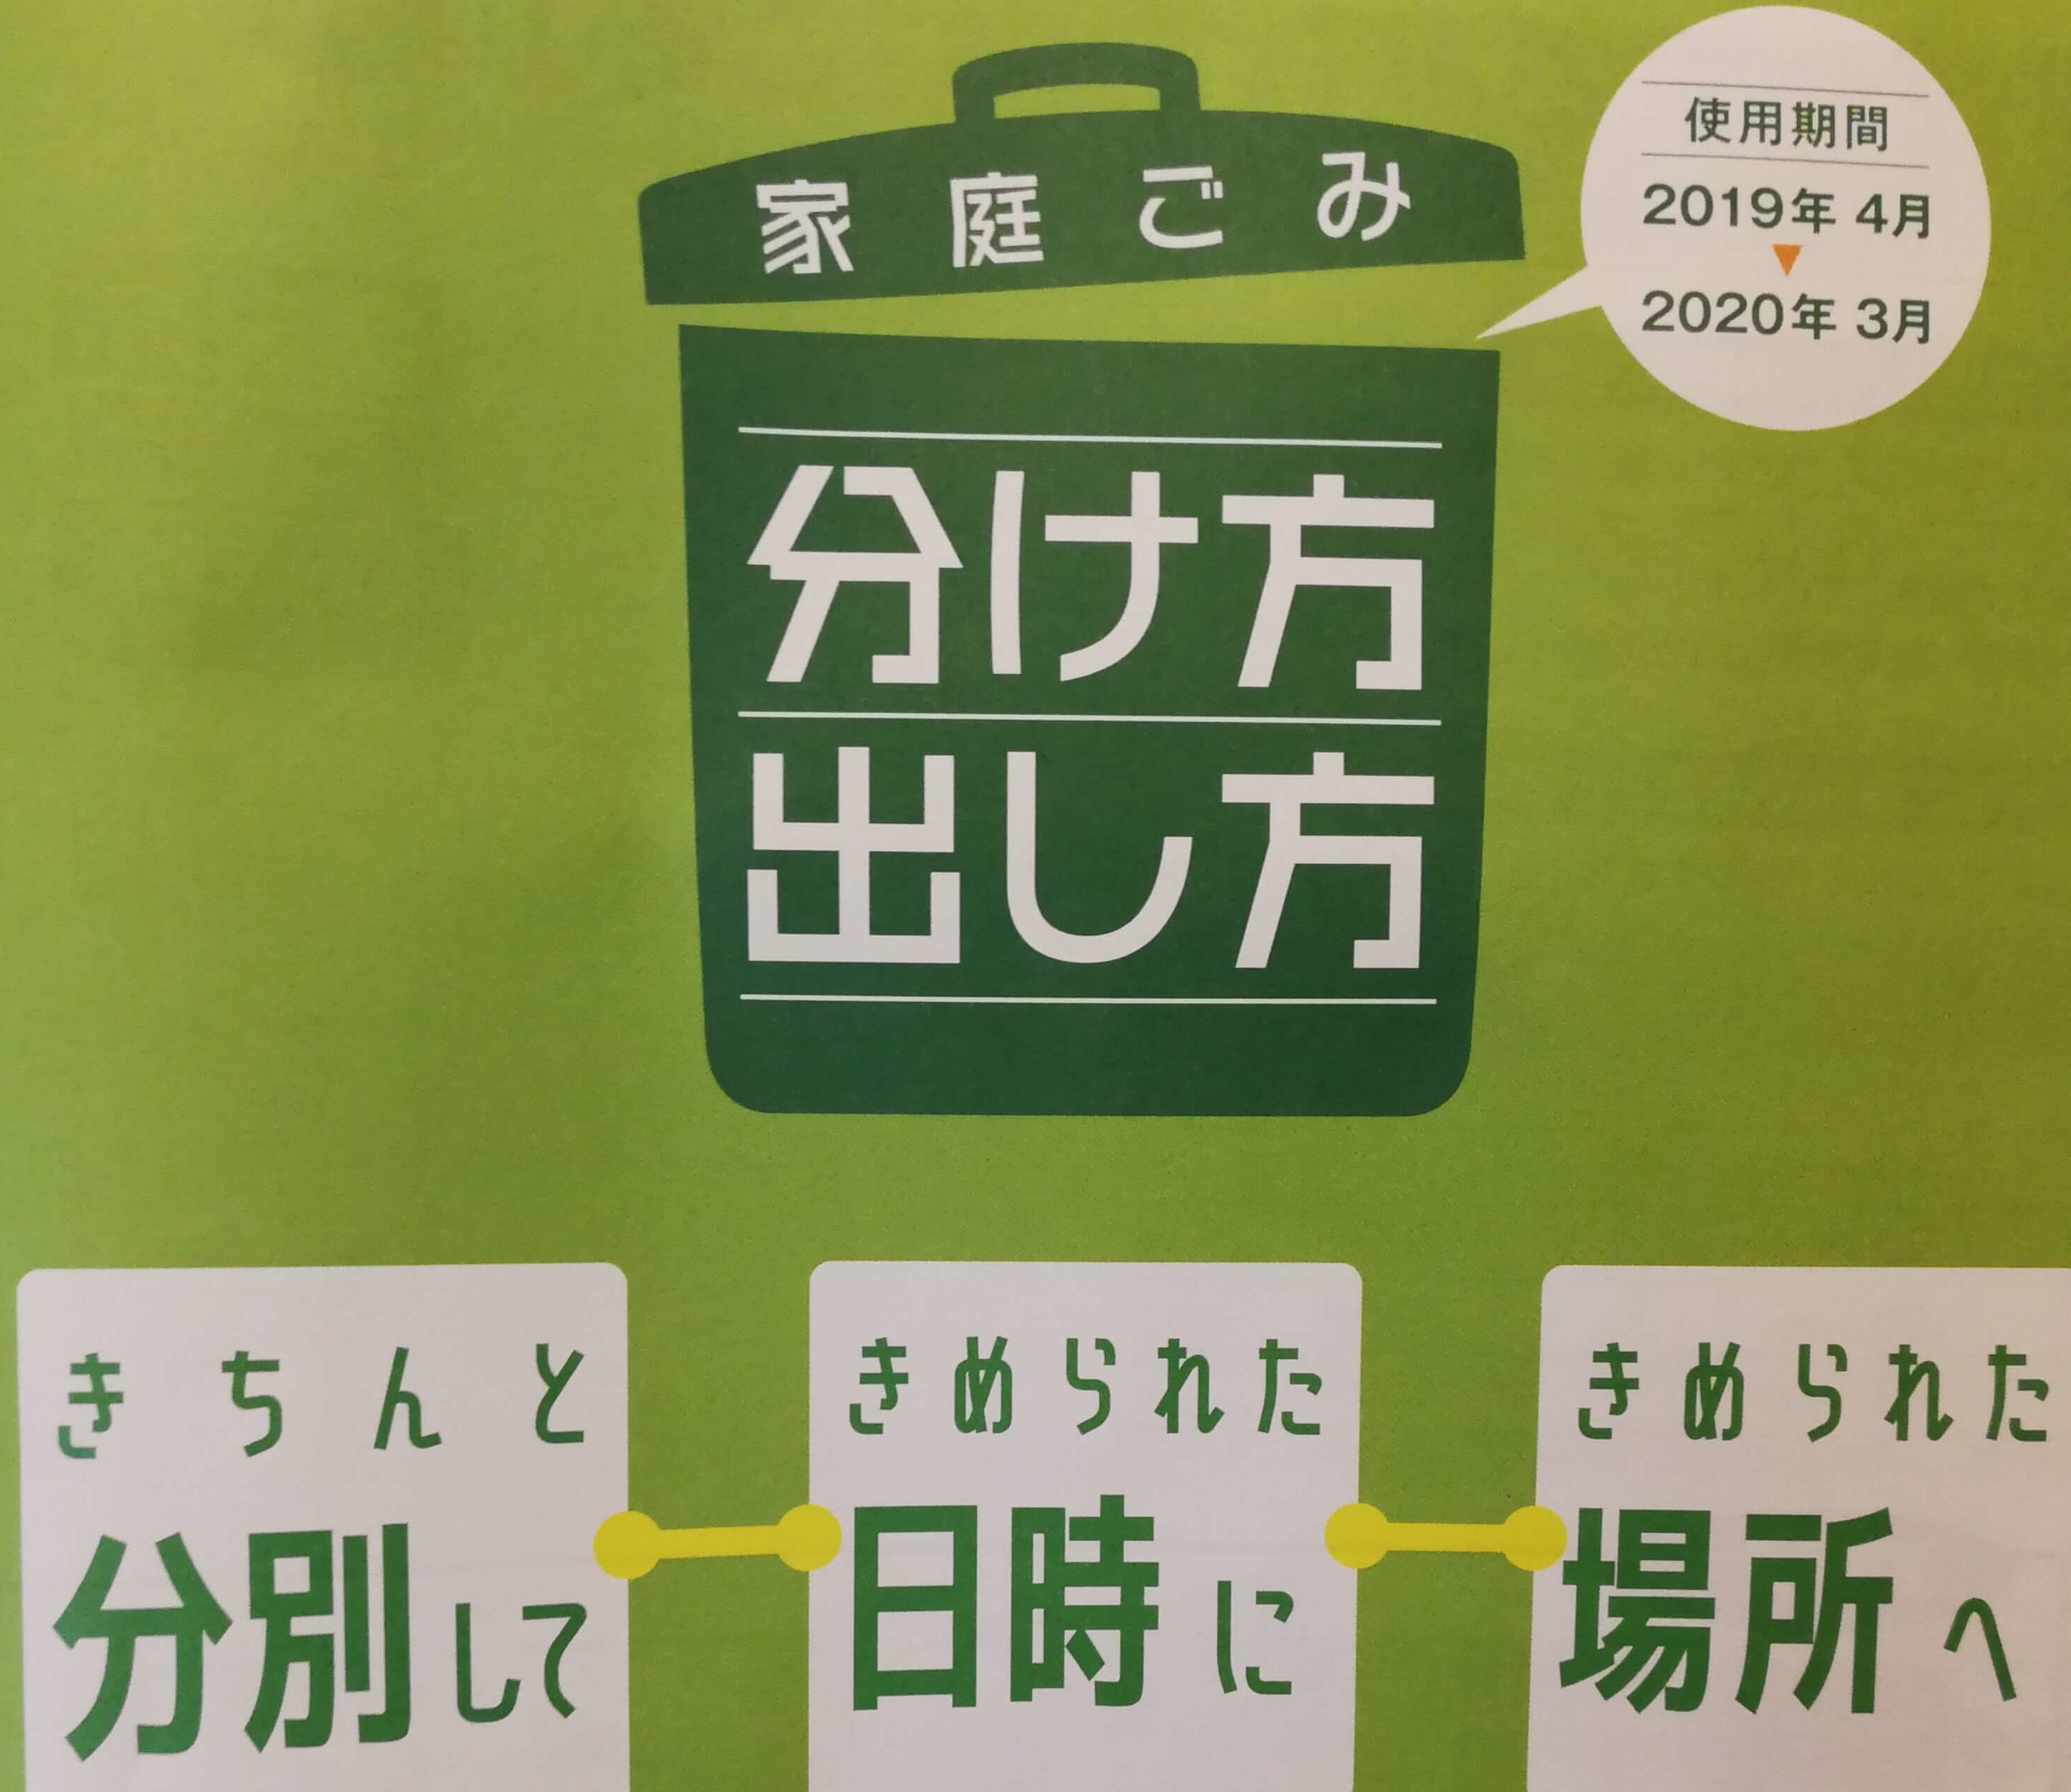 2019年4月から変わる!金沢市のごみ収集・分別がの変更点を簡単に説明しちゃう